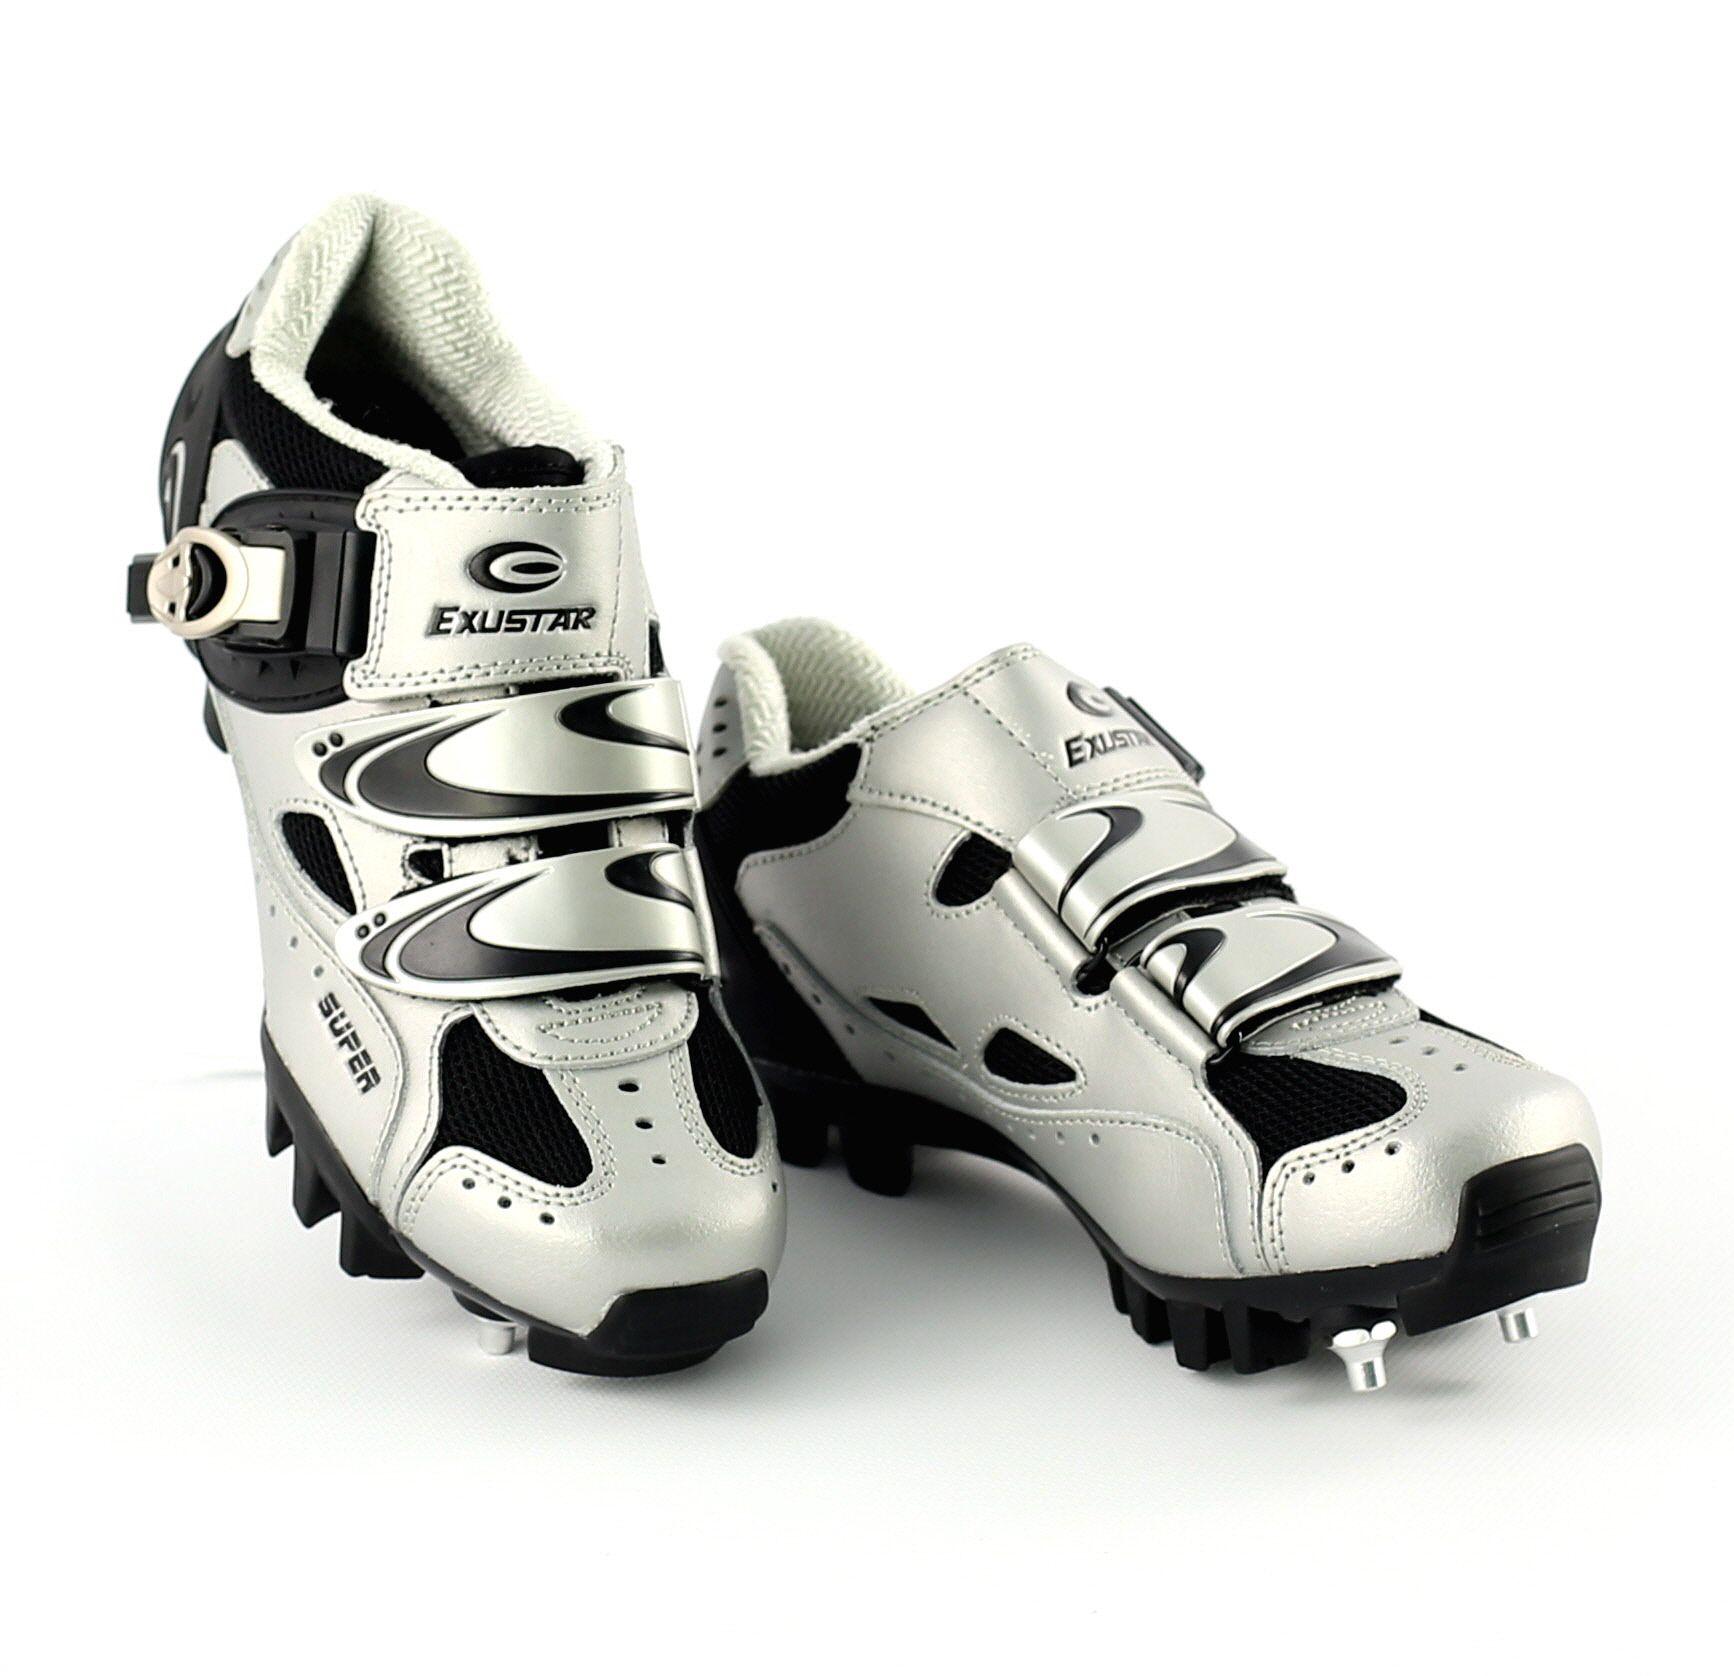 Chaussures VTT Exustar E-SM321 Microclip Gris - 39